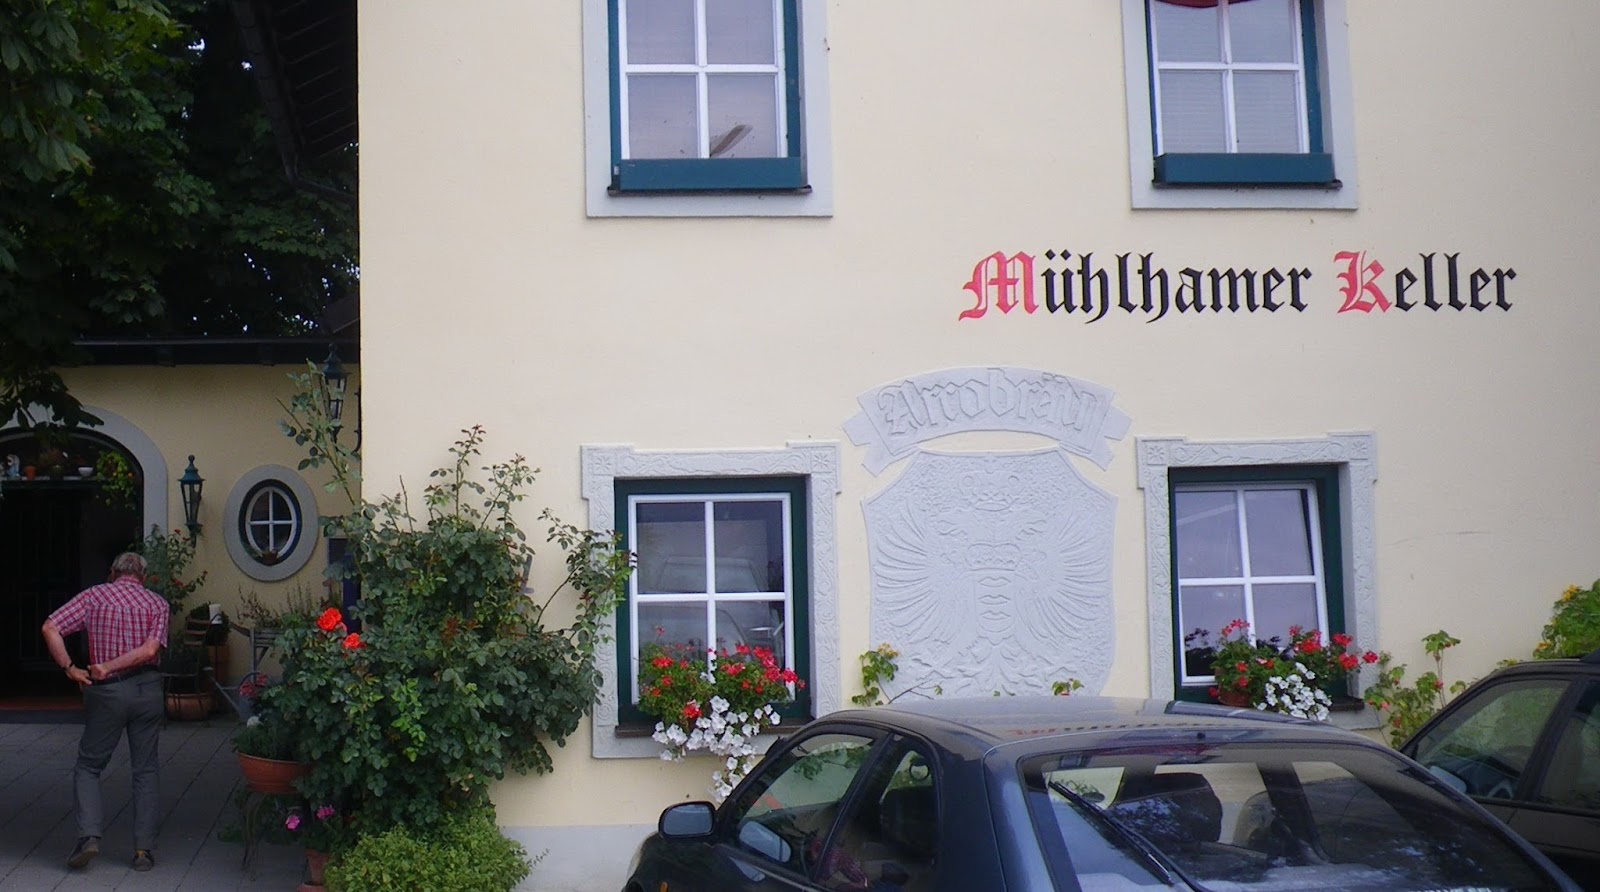 Auswarts Essen Regensburg Brotzeit Im Muhlhamer Keller In Osterhofen